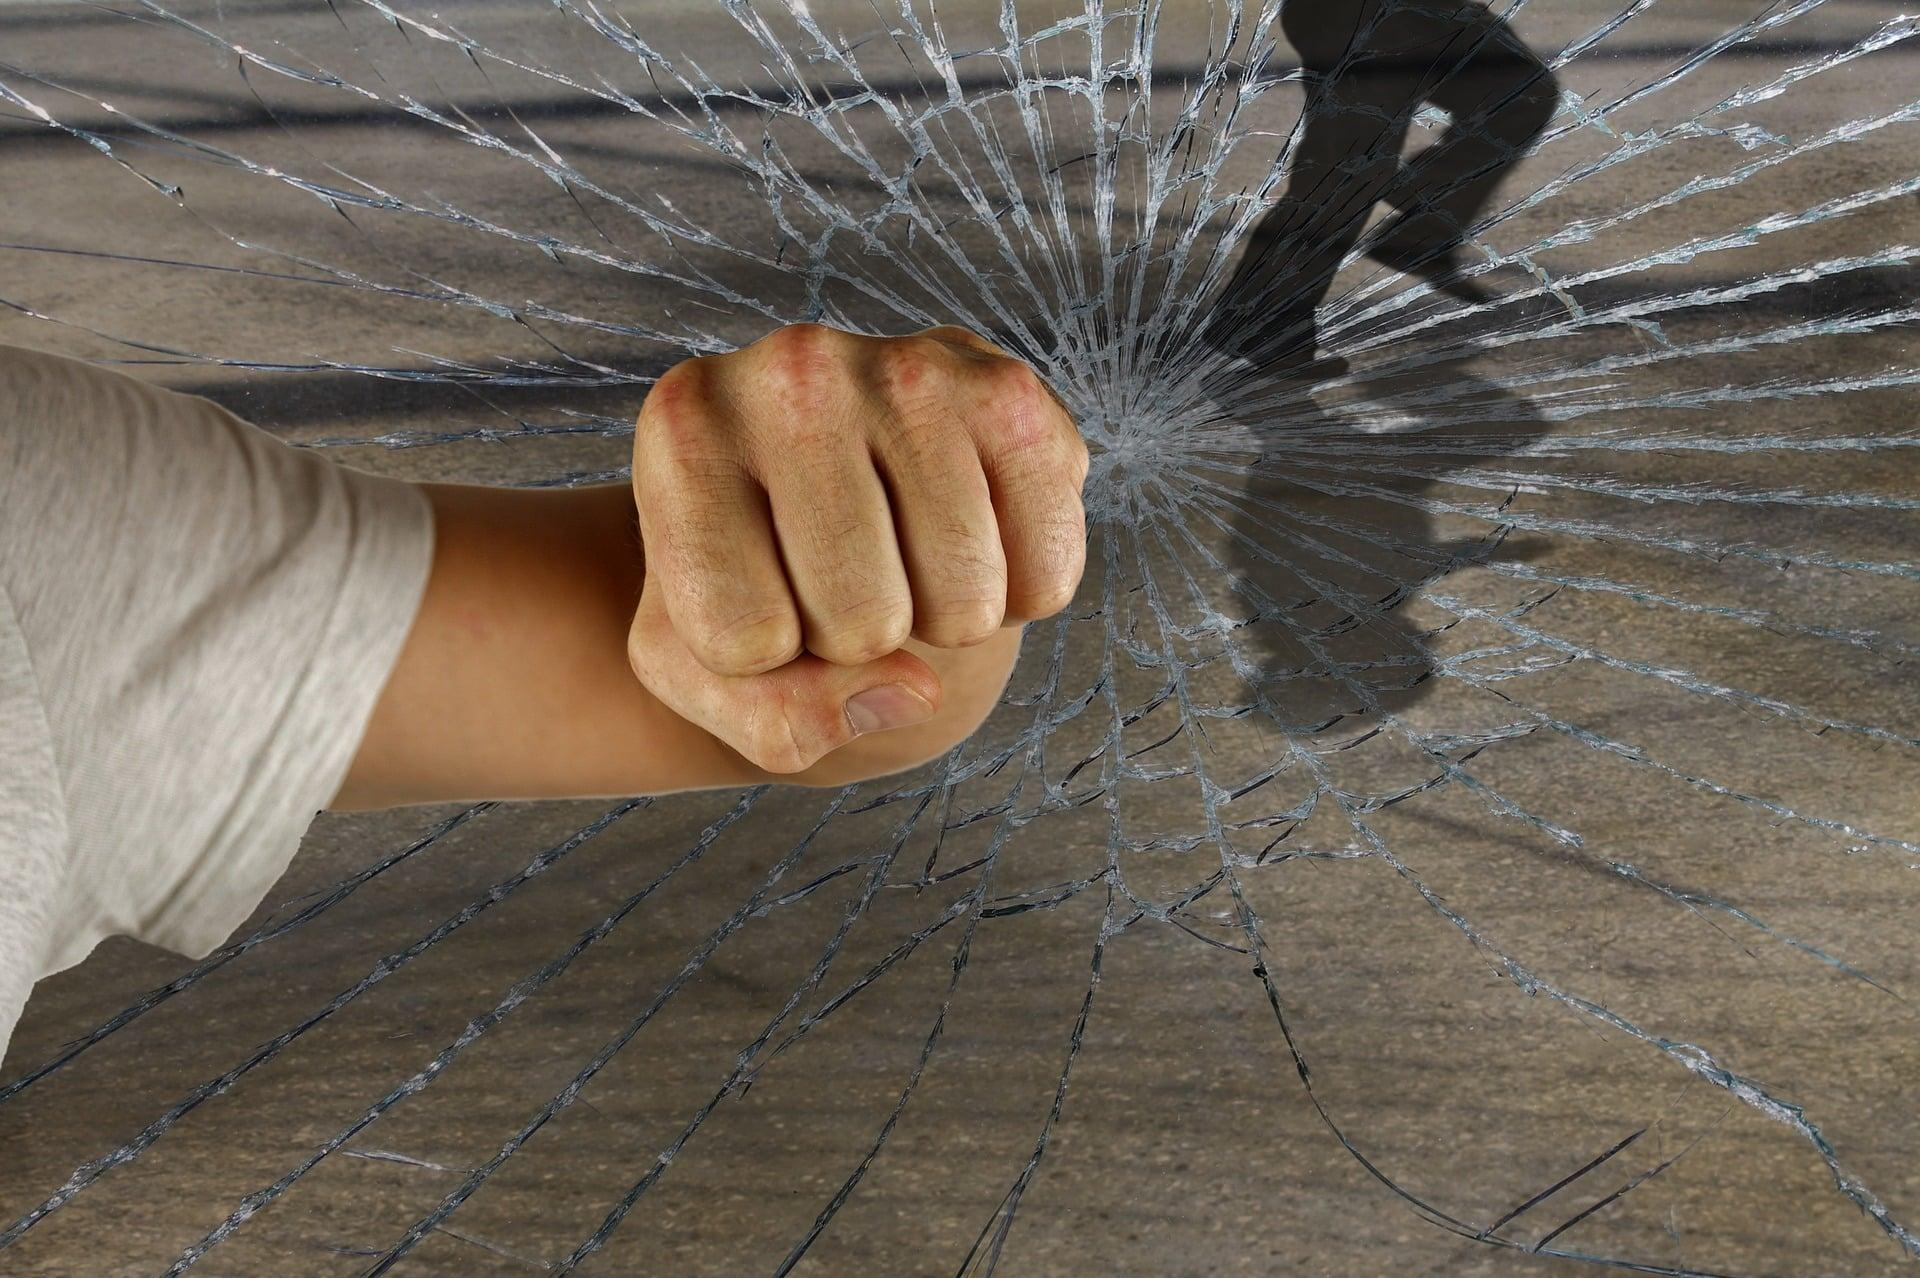 Réparation d'une boutique vandalisée par un serrurier à Lyon